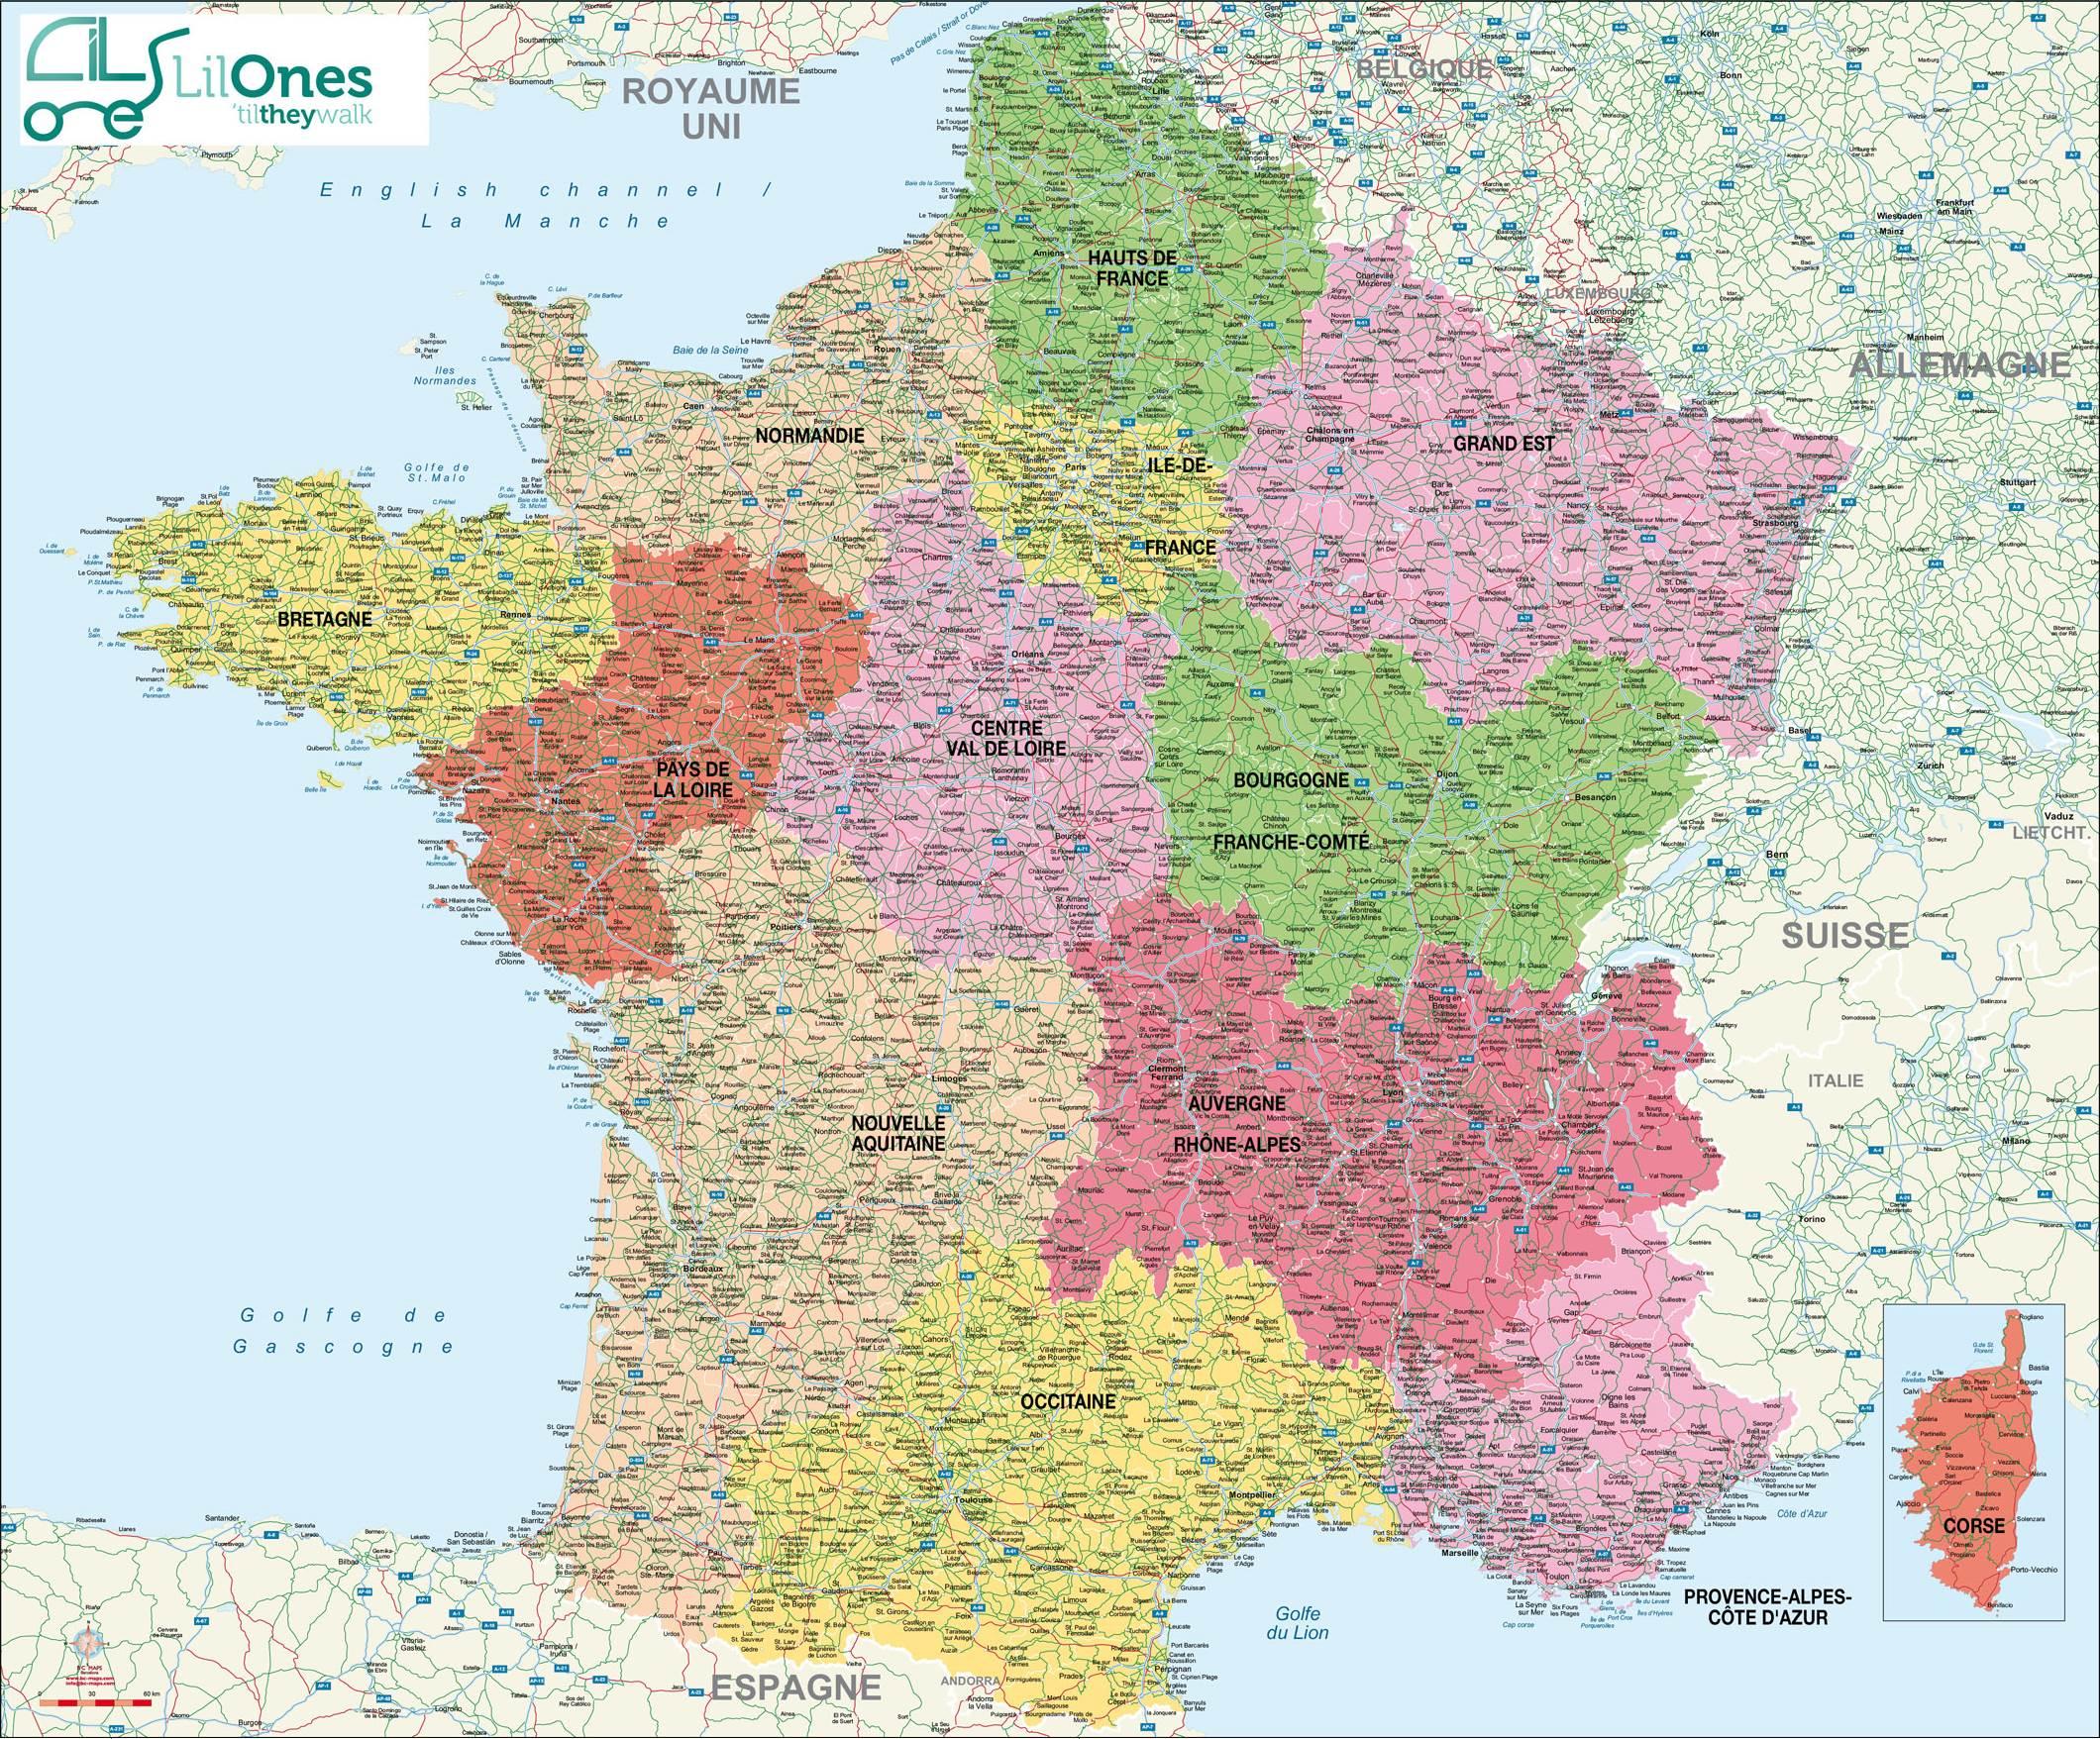 Cartes De France : Cartes Des Régions, Départements Et dedans Carte De France Nouvelle Region